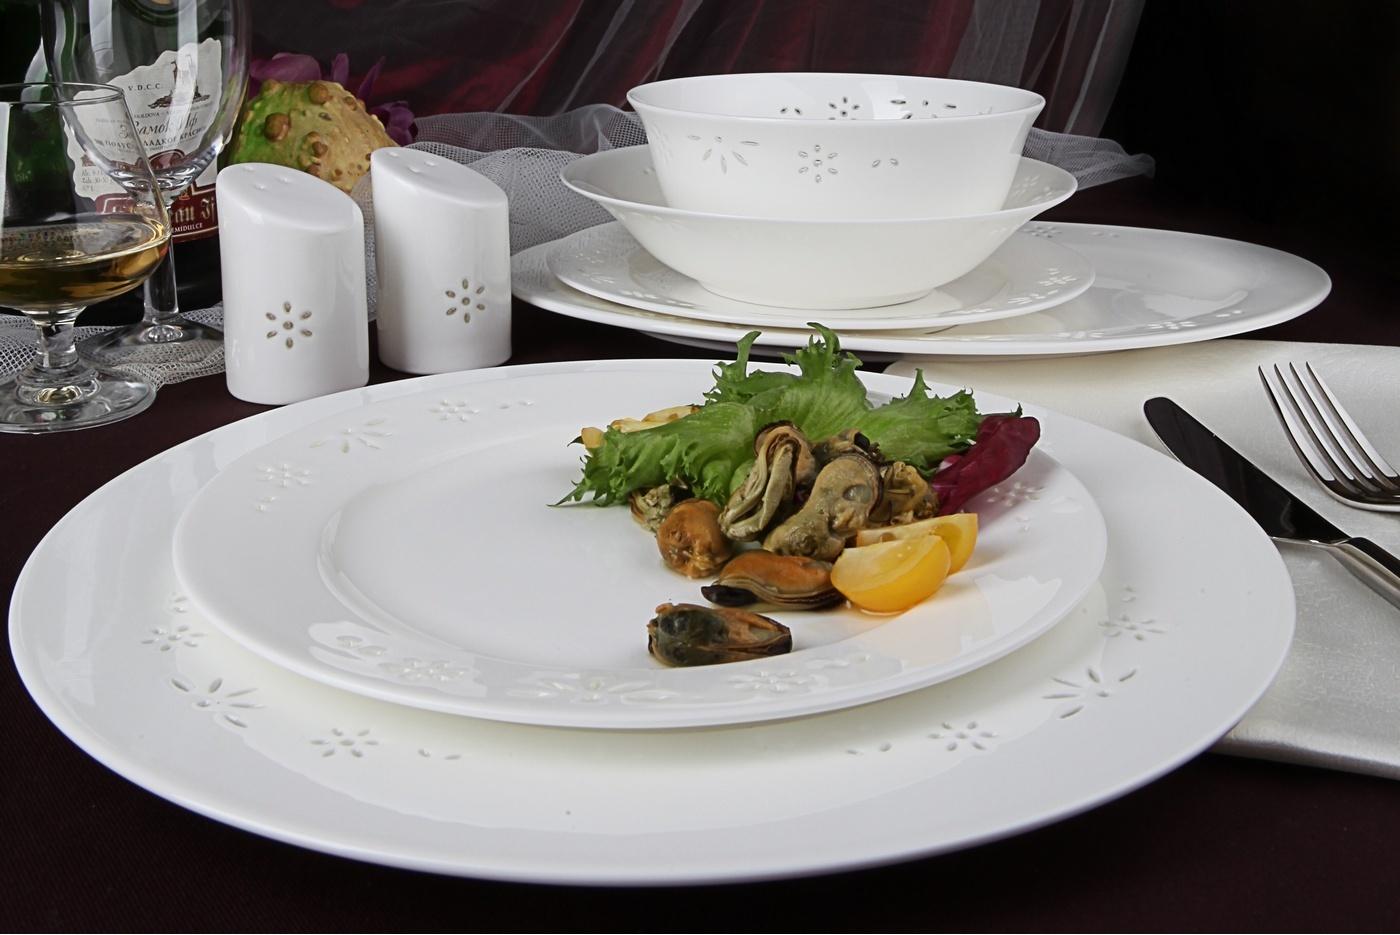 Столовый сервиз Royal Aurel Севилья арт.439, 27 предметовСтоловые сервизы<br>Столовый сервиз Royal Aurel Севилья арт.439, 27 предметов<br><br><br><br><br><br><br><br><br><br><br><br>Тарелка плоская 27 см, 6 шт.<br>Тарелка плоская 20 см, 6 шт.<br>Тарелка суповая 19,5 см, 6 шт.<br>Салатник 15 см, 6 шт.<br><br><br><br><br><br><br><br><br>Блюдо овальное 31см<br>Солонка и перечница<br><br><br><br><br><br><br><br>Производить посуду из фарфора начали в Китае на стыке 6-7 веков. Неустанно совершенствуя и селективно отбирая сырье для производства посуды из фарфора, мастерам удалось добиться выдающихся характеристик фарфора: белизны и тонкостенности. В XV веке появился особый интерес к китайской фарфоровой посуде, так как в это время Европе возникла мода на самобытные китайские вещи. Роскошный китайский фарфор являлся изыском и был в новинку, поэтому он выступал в качестве подарка королям, а также знатным людям. Такой дорогой подарок был очень престижен и по праву являлся элитной посудой. Как известно из многочисленных исторических документов, в Европе китайские изделия из фарфора ценились практически как золото. <br>Проверка изделий из костяного фарфора на подлинность <br>По сравнению с производством других видов фарфора процесс производства изделий из настоящего костяного фарфора сложен и весьма длителен. Посуда из изящного фарфора - это элитная посуда, которая всегда ассоциируется с богатством, величием и благородством. Несмотря на небольшую толщину, фарфоровая посуда - это очень прочное изделие. Для демонстрации плотности и прочности фарфора можно легко коснуться предметов посуды из фарфора деревянной палочкой, и тогда мы услушим характерный металлический звон. В составе фарфоровой посуды присутствует костяная зола, благодаря чему она может быть намного тоньше (не более 2,5 мм) и легче твердого или мягкого фарфора. Безупречная белизна - ключевой признак отличия такого фарфора от других. Цвет обычного фарфора сероватый или ближе к голубоватому, а костяной фарфор будет всег